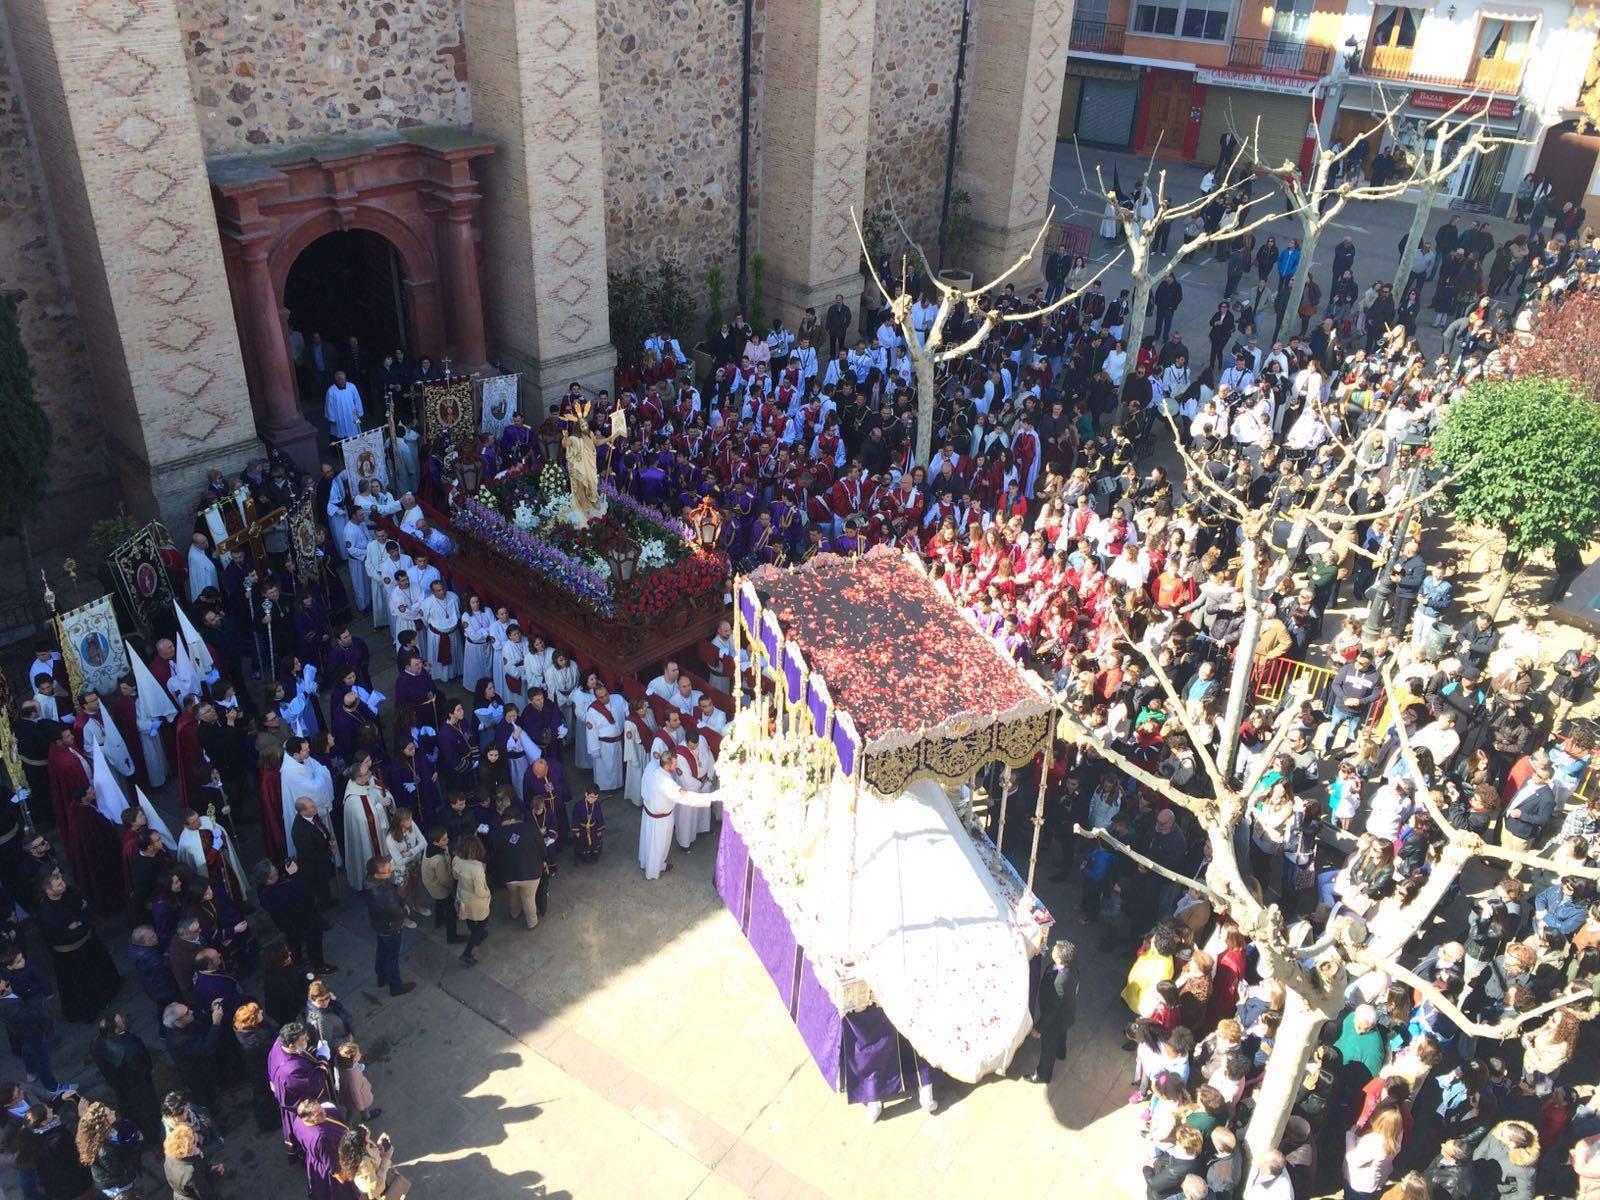 procesion del resucitado en herencia5 - Procesiones de la Semana Santa de Herencia. Horarios y recorridos